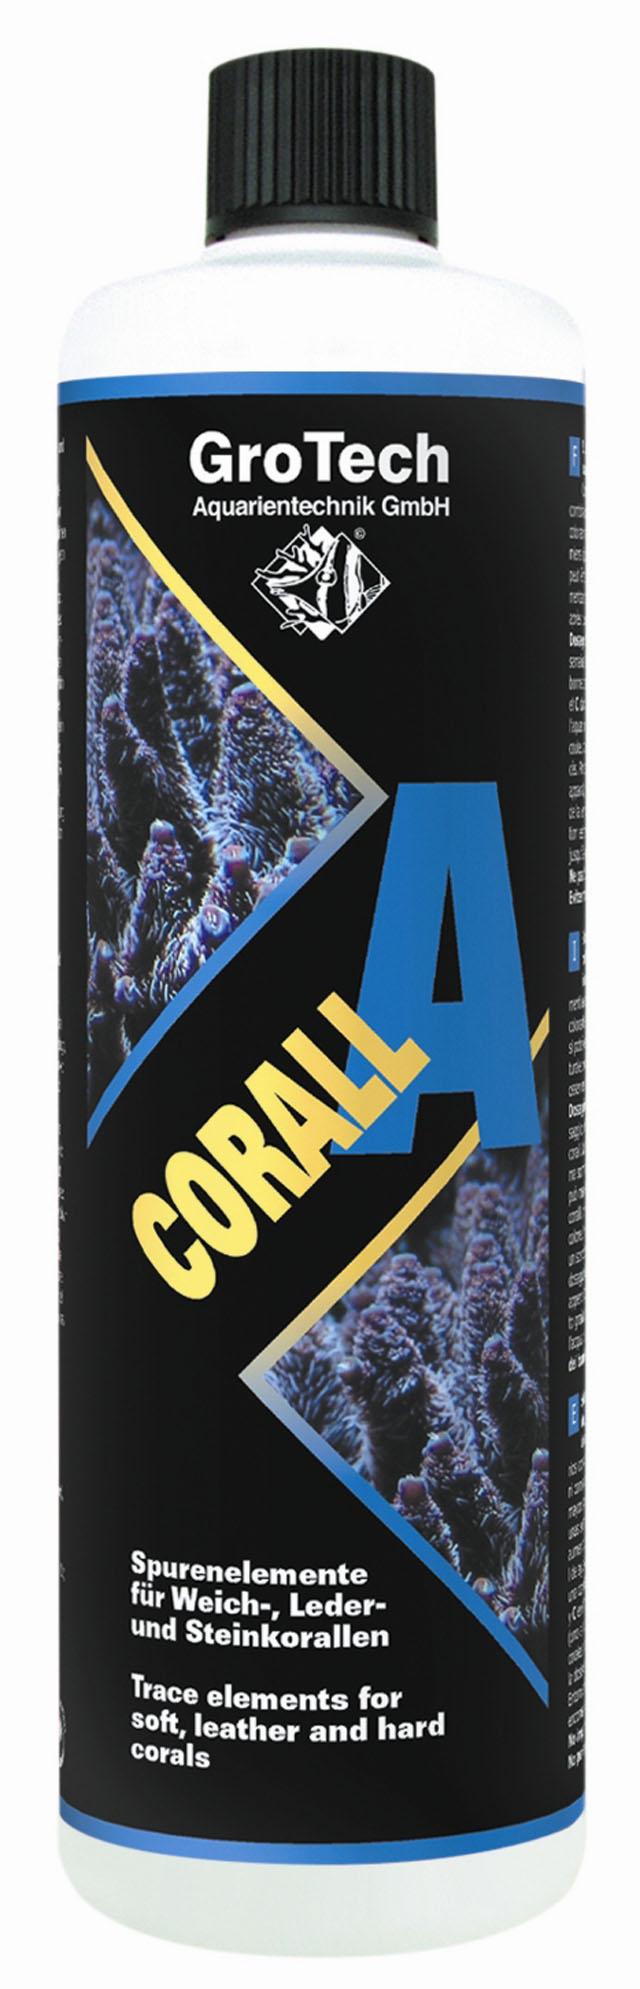 GROTECH Corall A 100 ml apporte les oligo-éléments essentiels aux coraux mous, cuirs et coraux durs